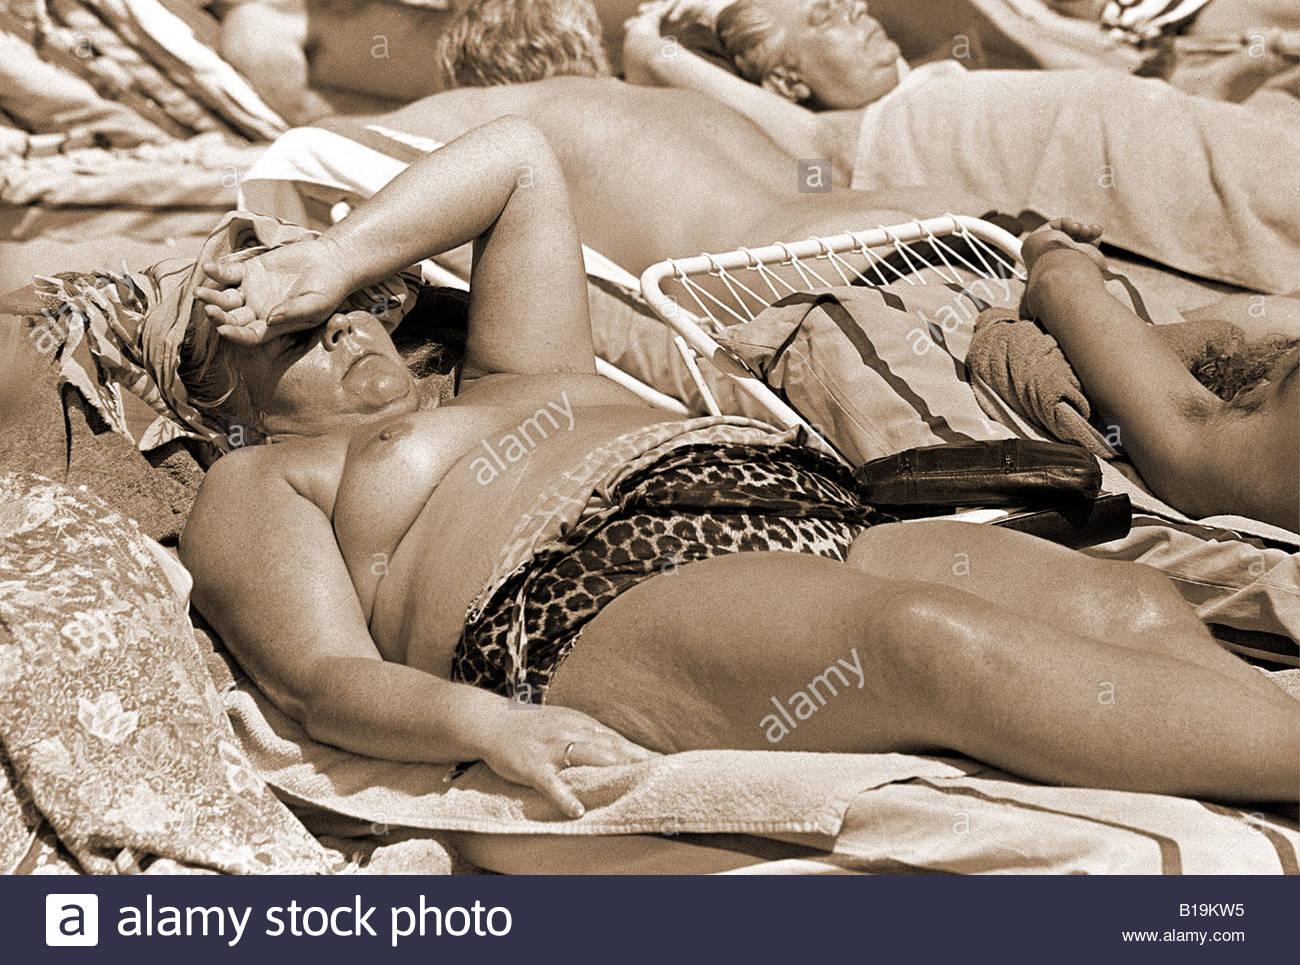 hot light skinned black chicks nude